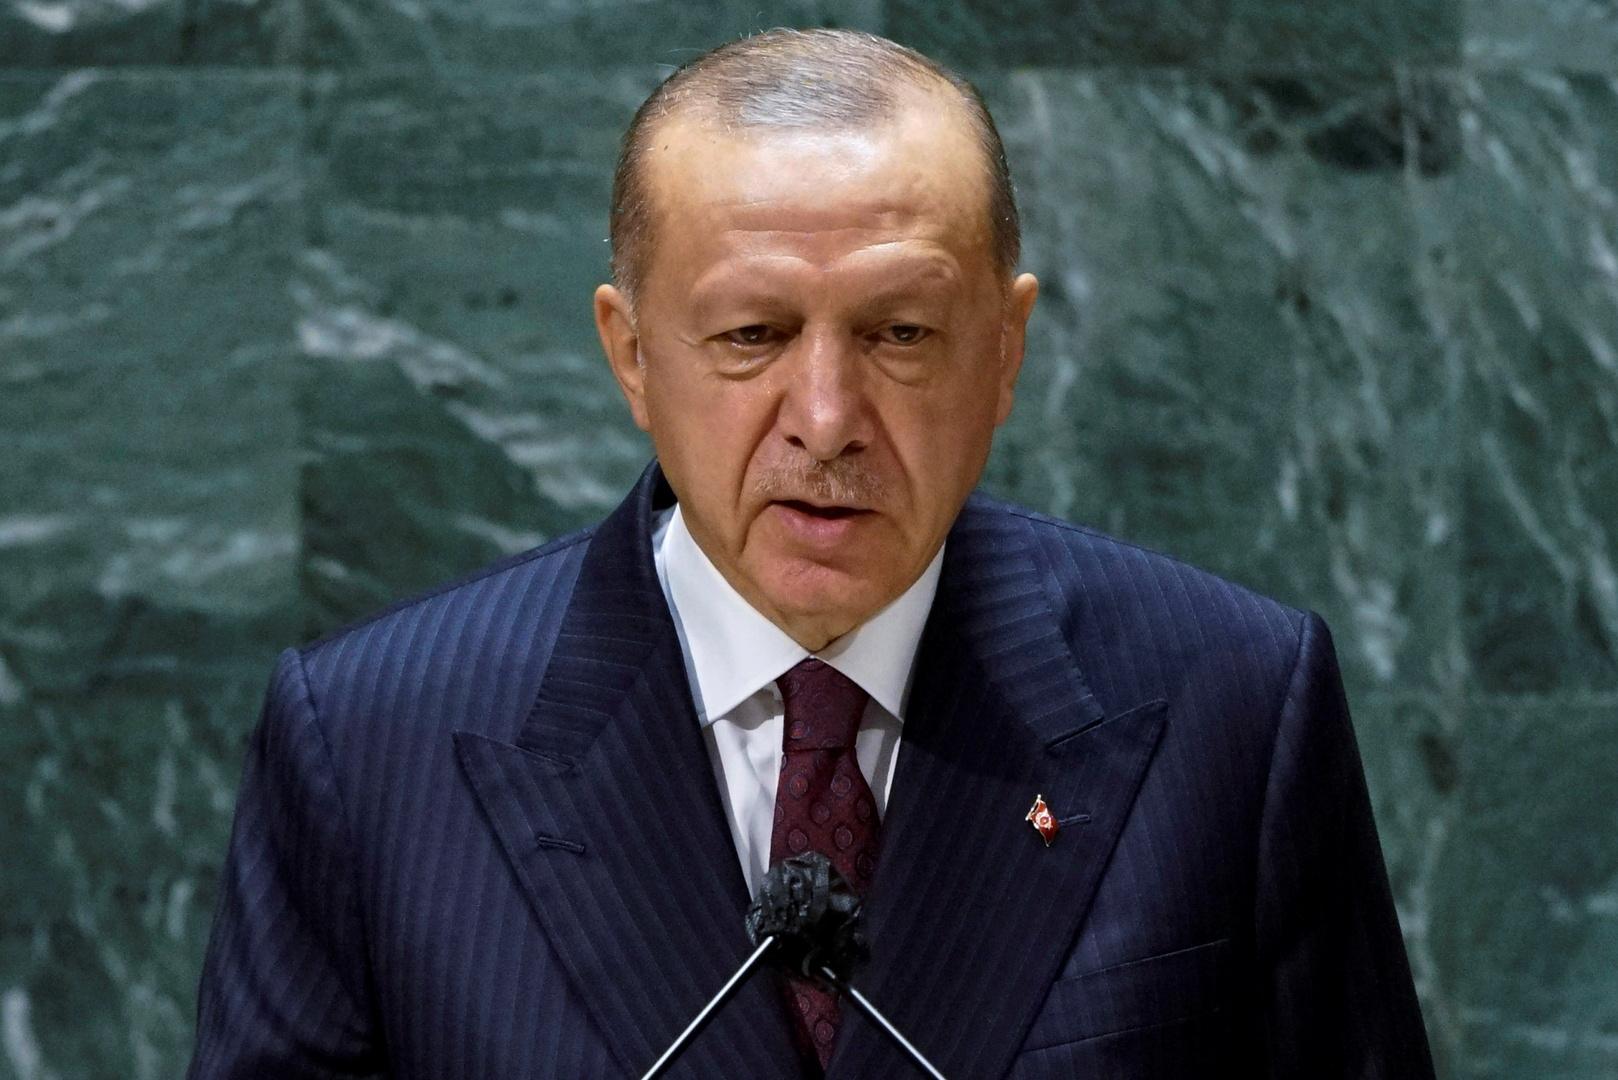 تقرير: موكب أردوغان يشحن سيارتين مصفحتين إلى الولايات المتحدة بكلفة 270 ألف دولار